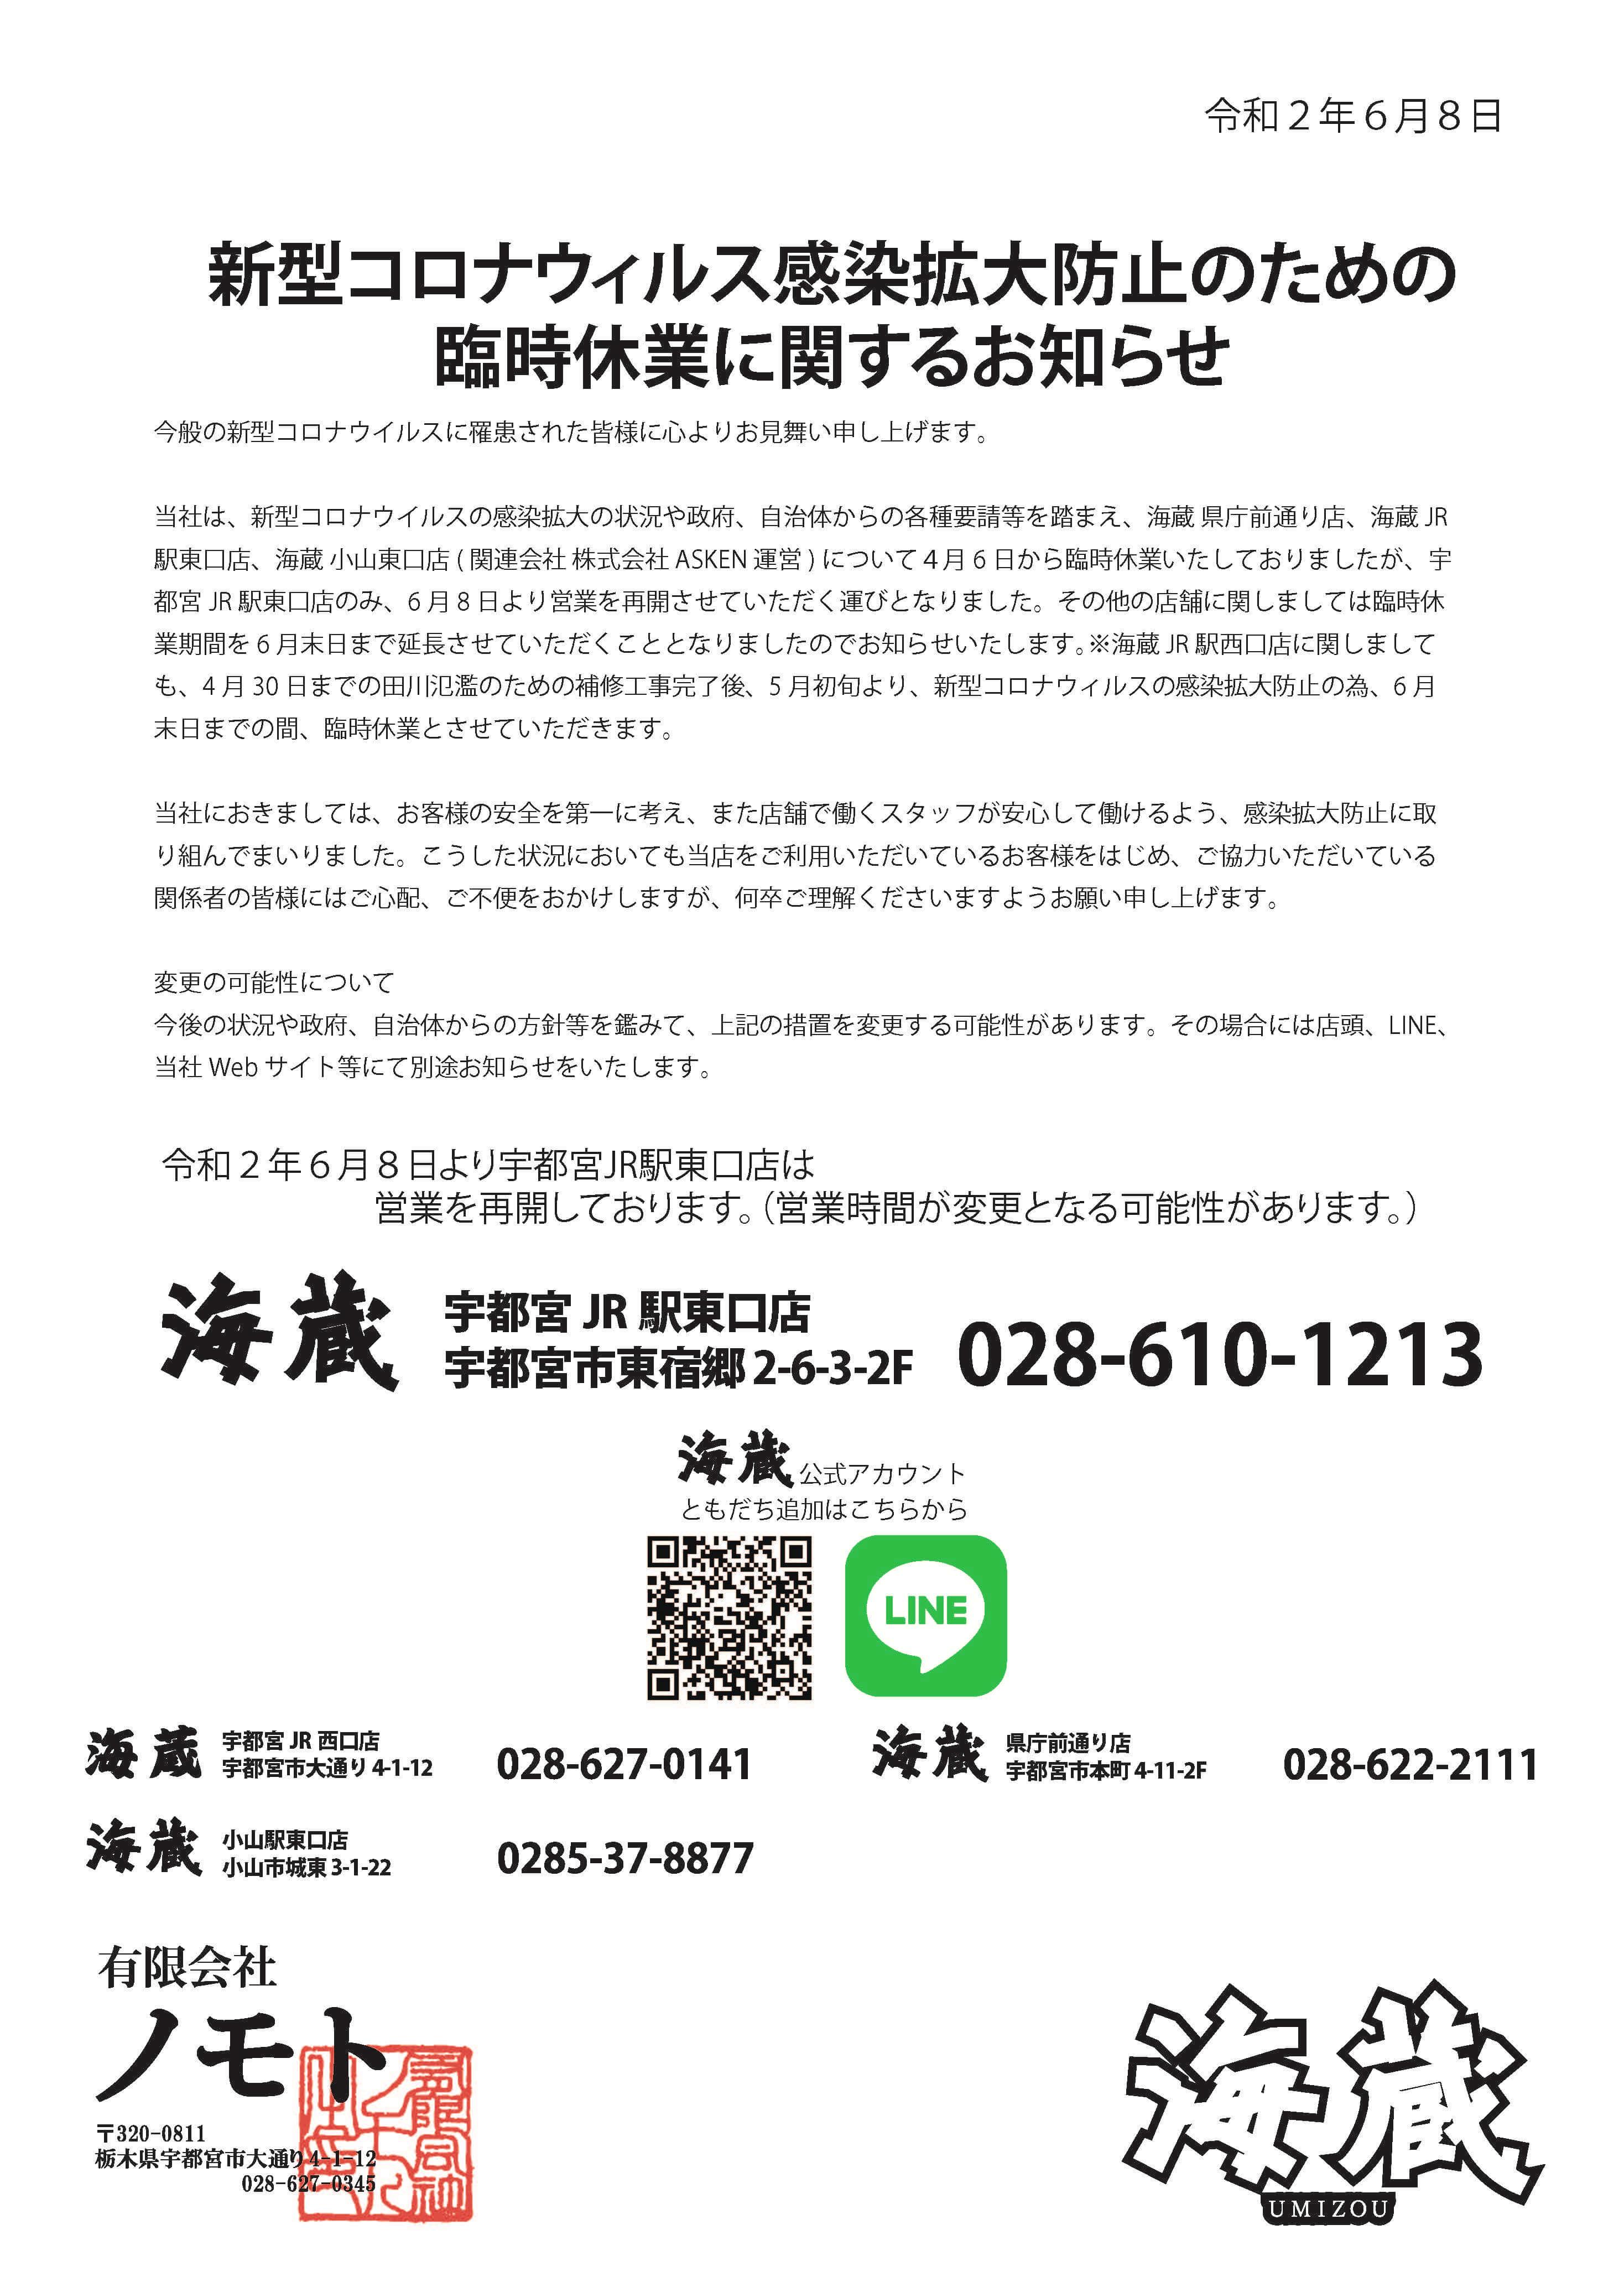 海蔵JR駅西口店休業のお知らせ